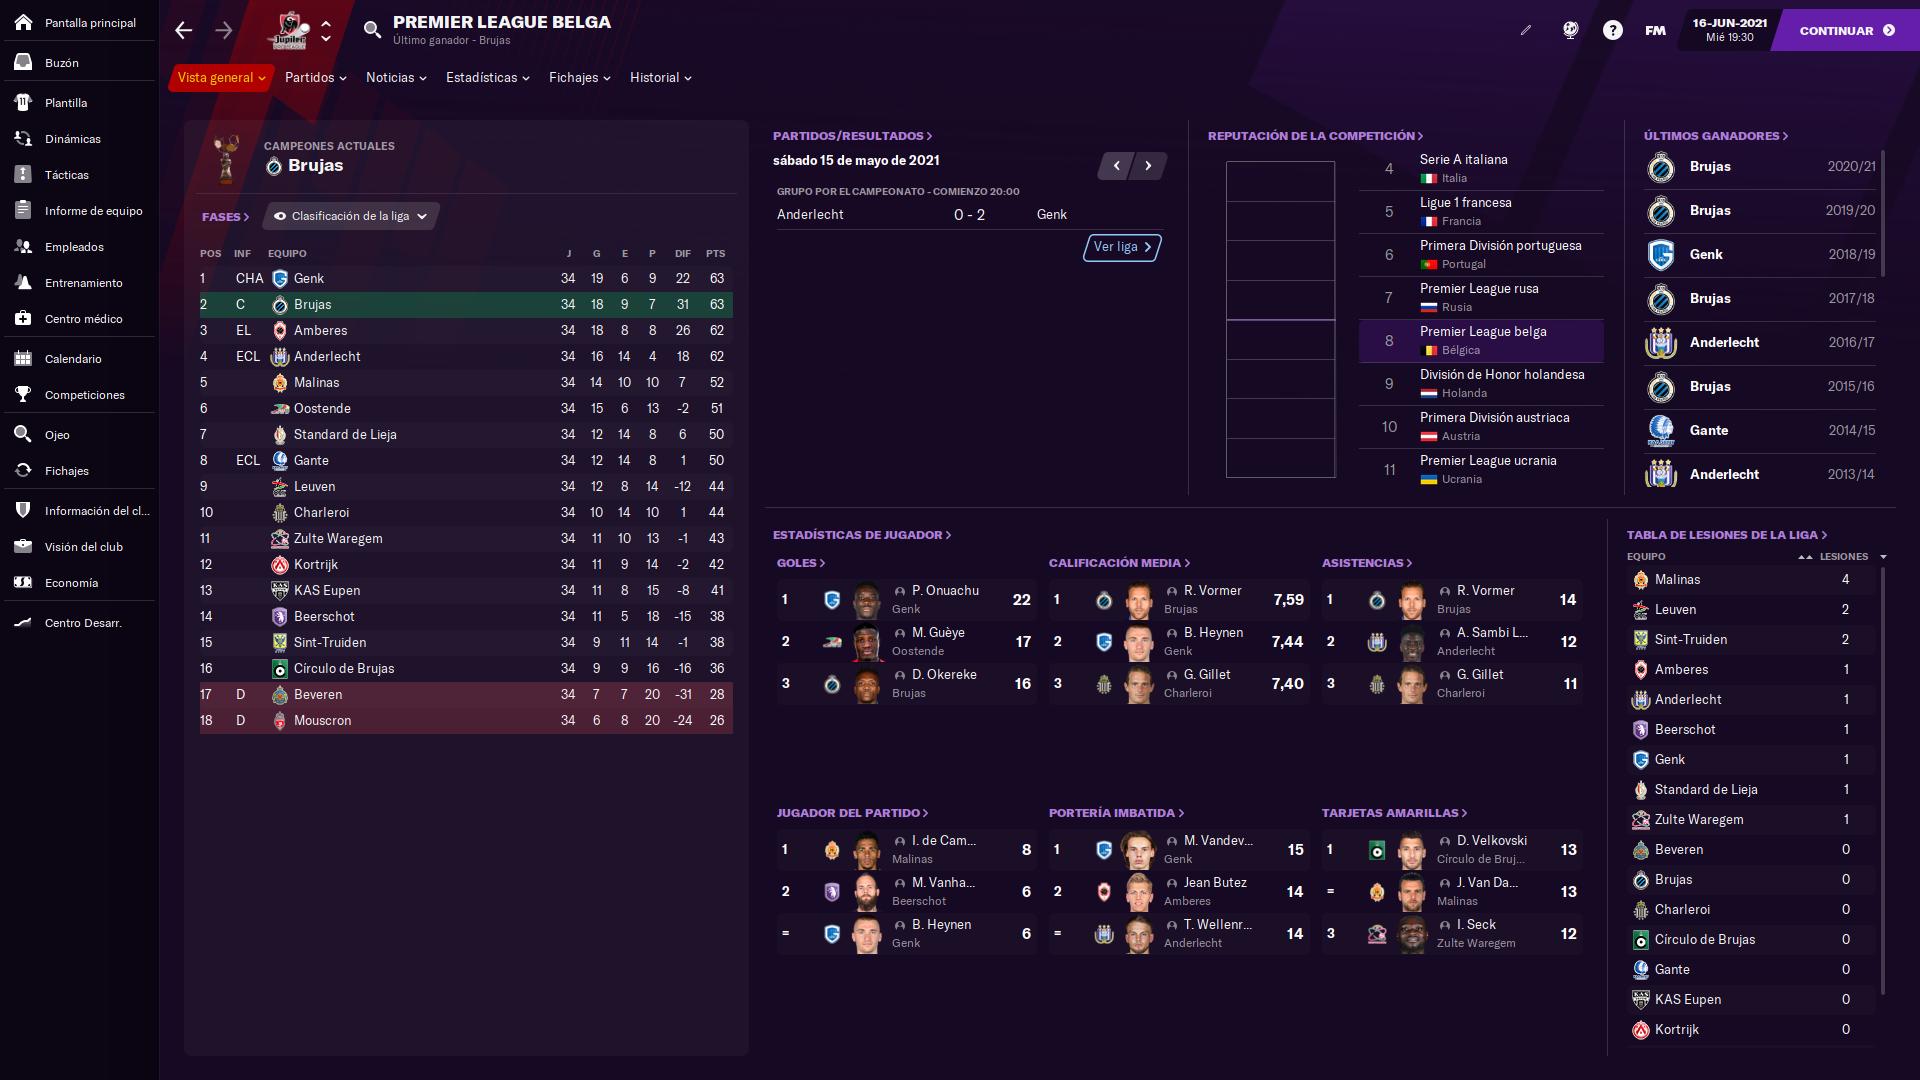 Premier-League-belga-Perfil-2.png